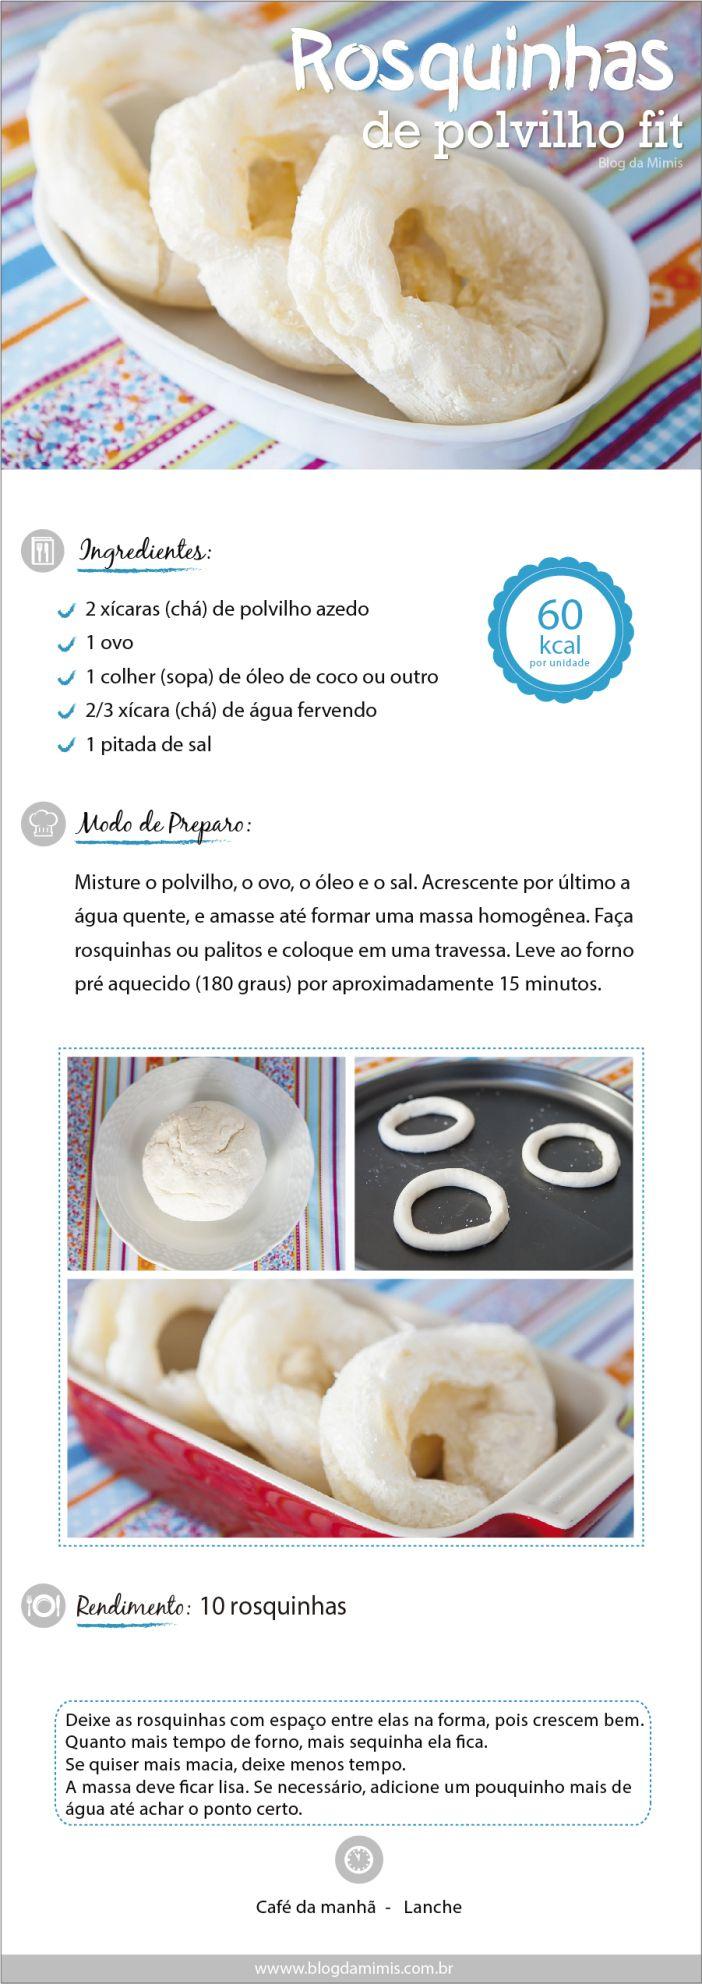 Receita de Rosquinhas de polvilho  do Blog da Mimis - São deliciosas e saudáveis! Sem glúten e pouco calóricas!